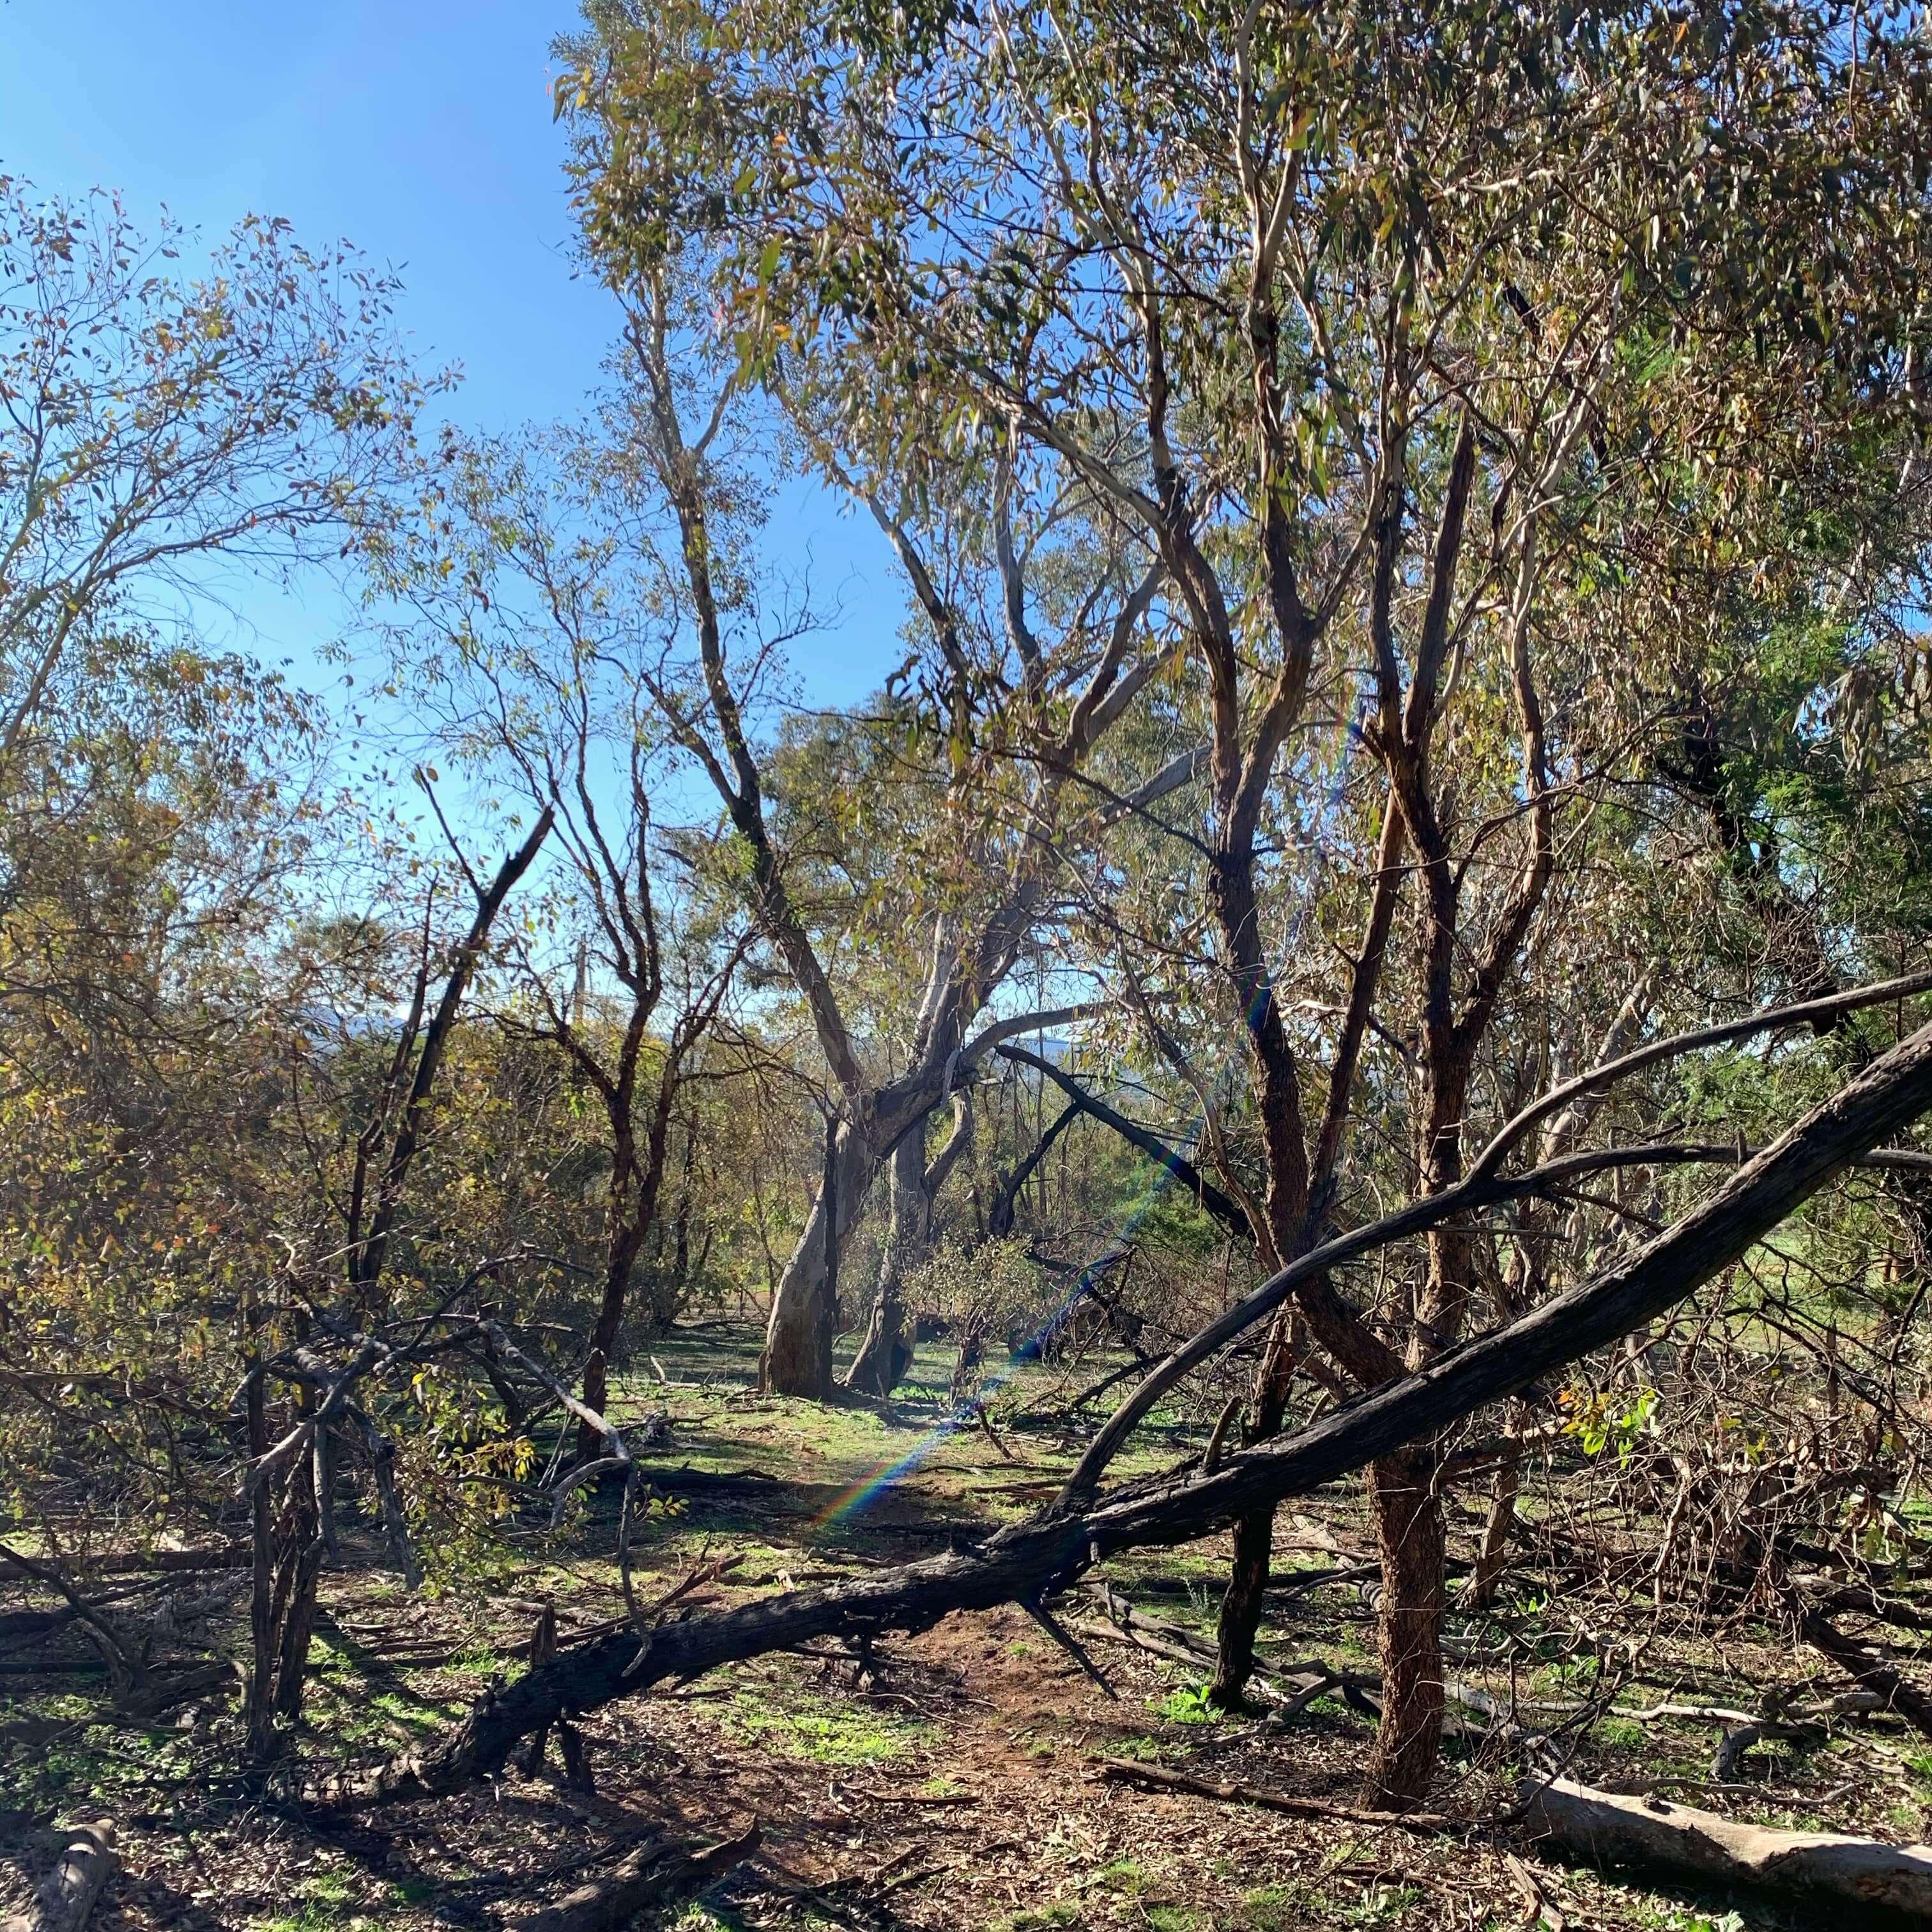 Bushwalking, Mt. Ainslie, Canberra